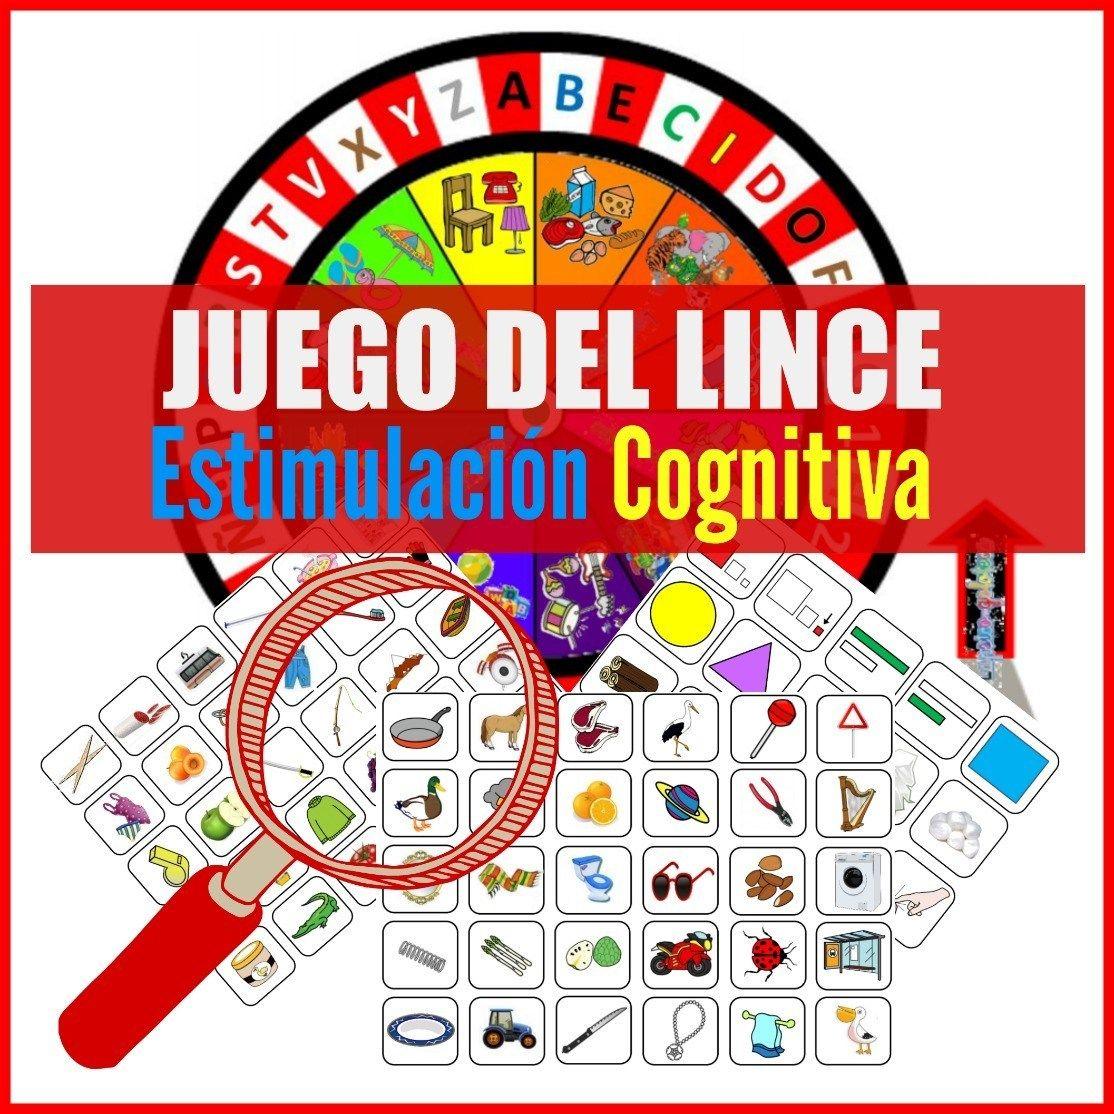 El Lince Multiusos Infosal Estimulacion Cognitiva Niños Juegos De Lenguaje Estimulacion Cognitiva